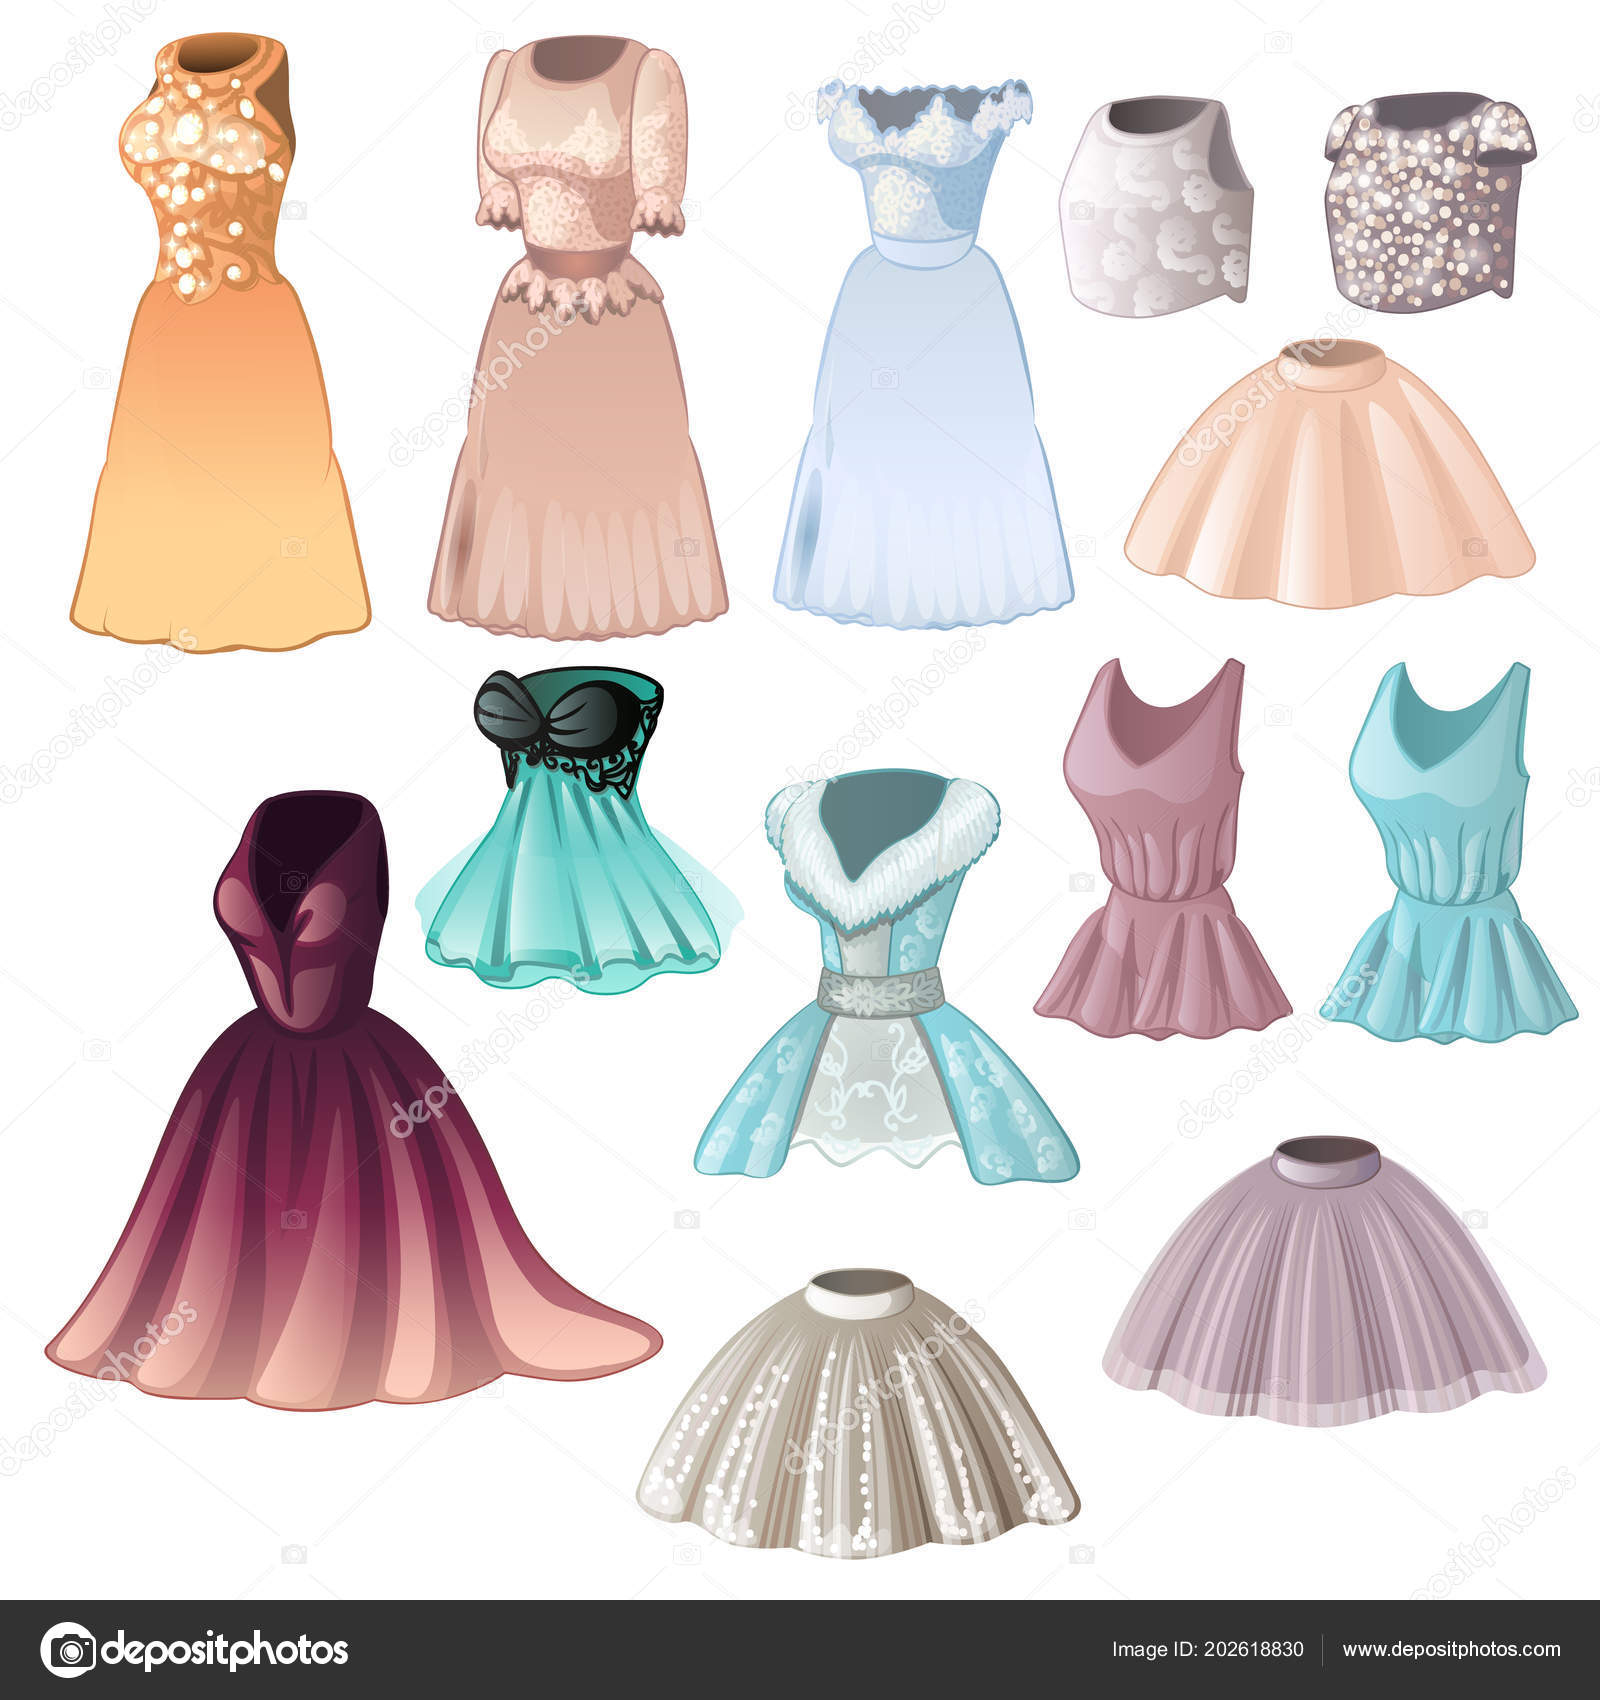 f9a463187 Juego de vestidos para mujer elegantes y faldas aislados sobre fondo ...